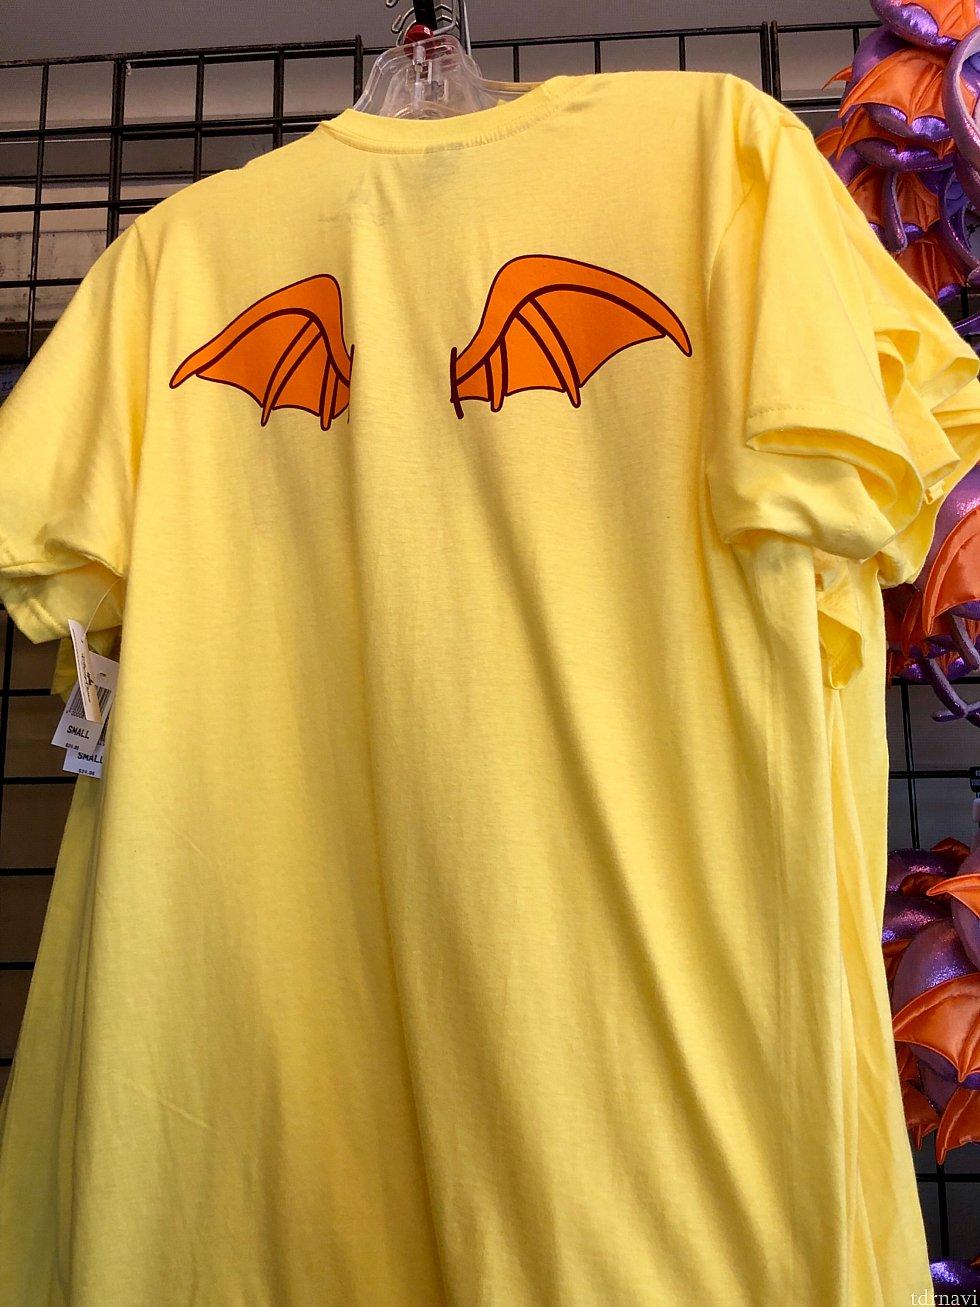 フィグメントのTシャツは、彼の羽が後ろに。$24.95